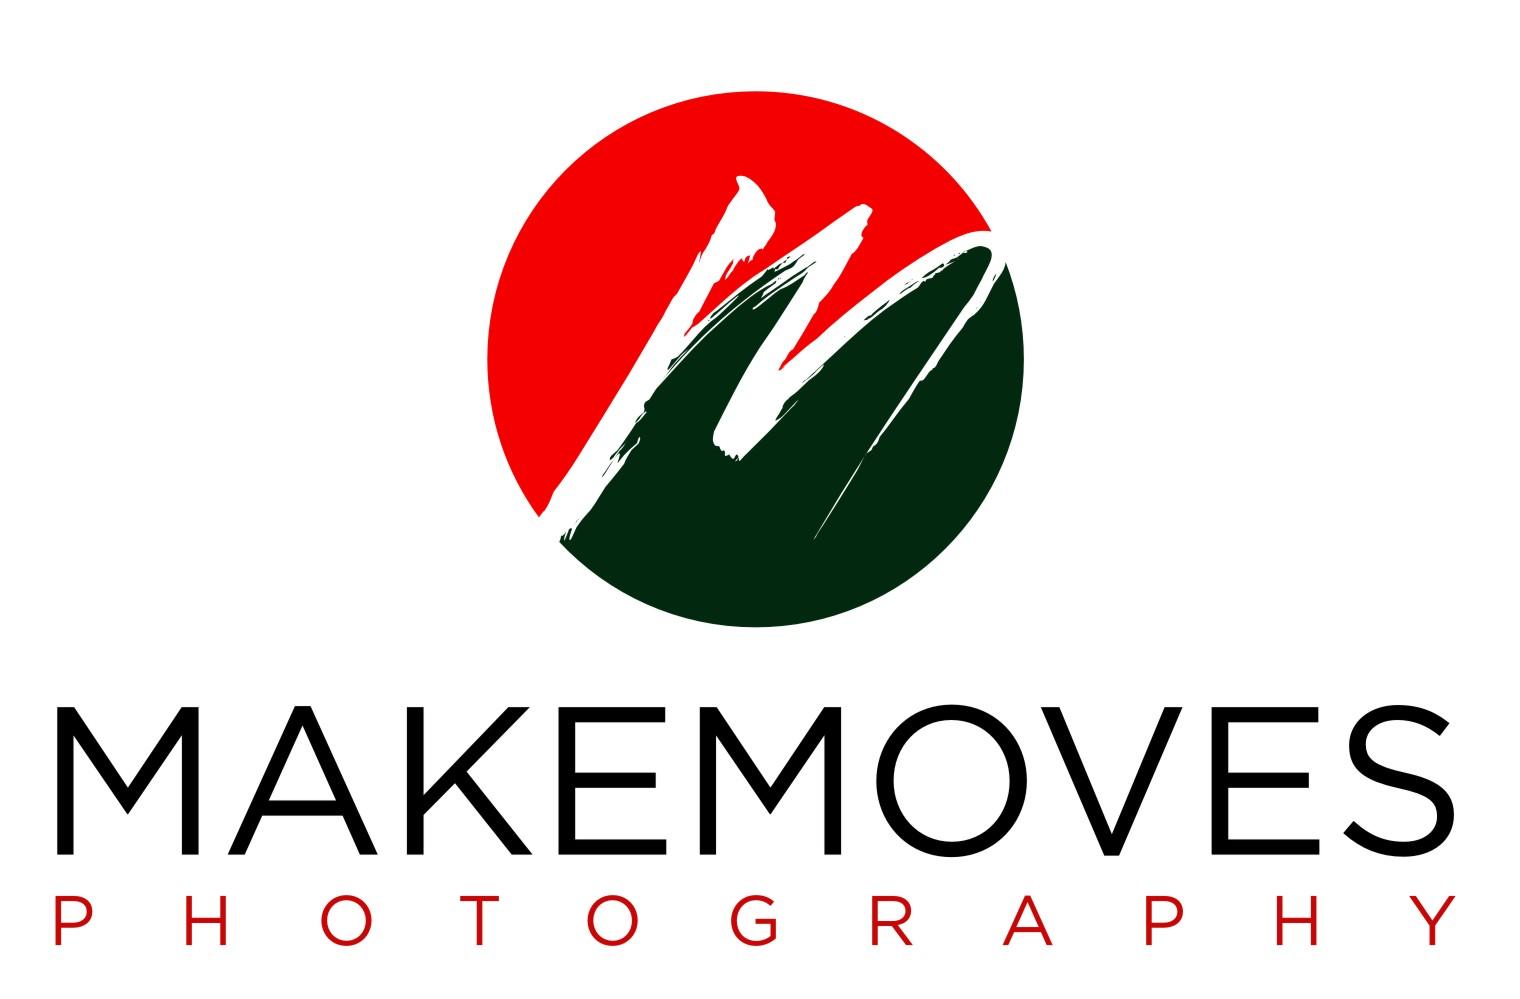 MakeMovesPhotography 3.jpg